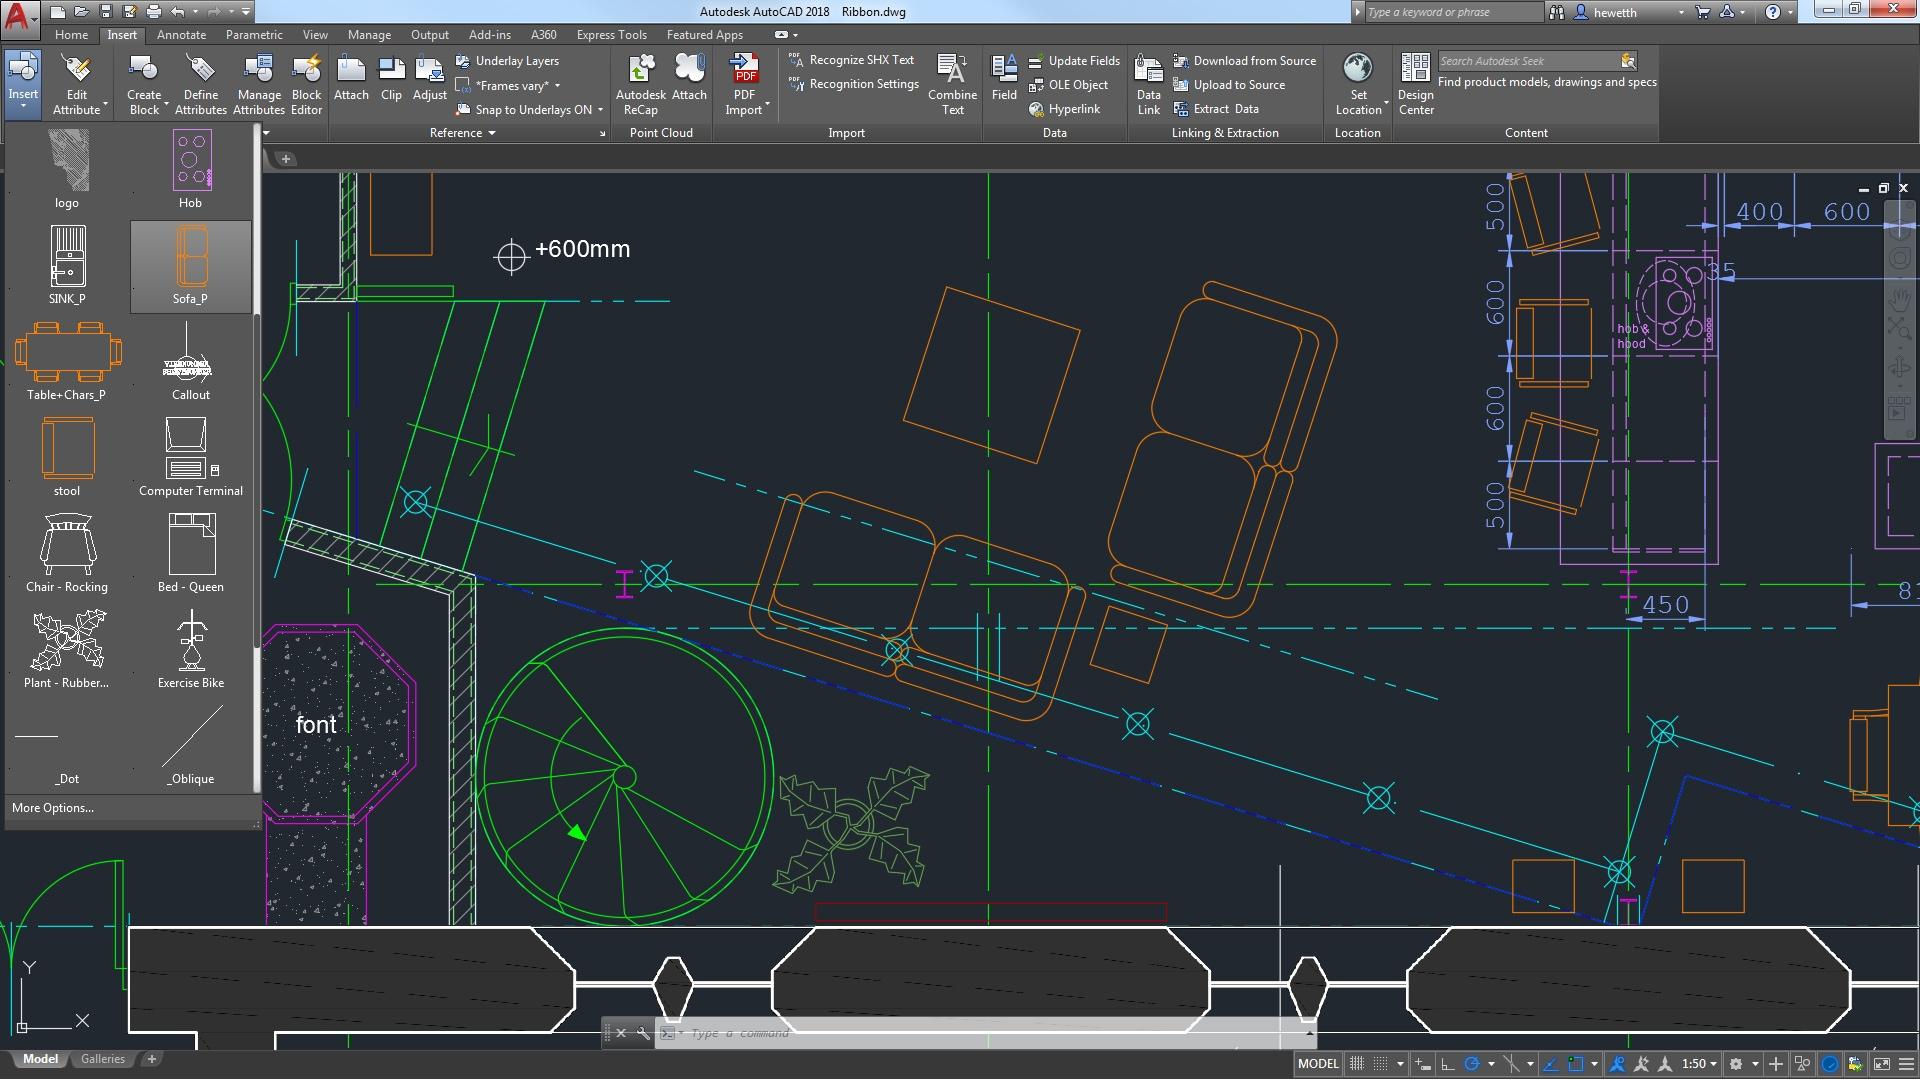 O Que H De Novo No AutoCAD 2019 Recursos Autodesk